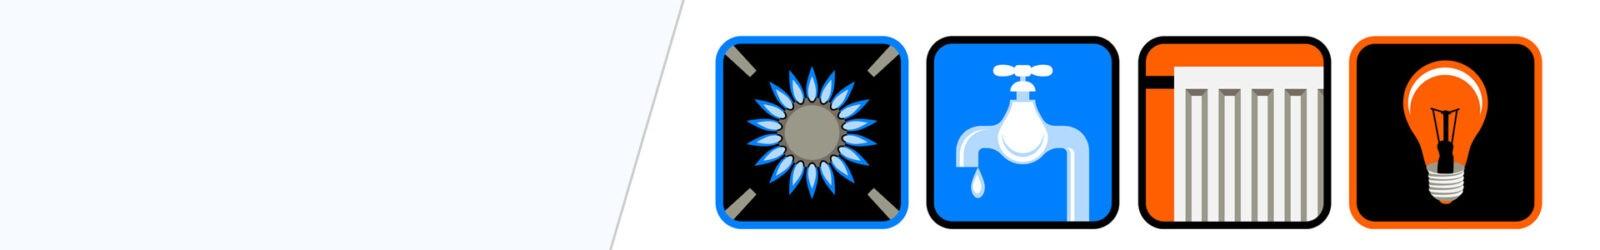 utility_bills_inner